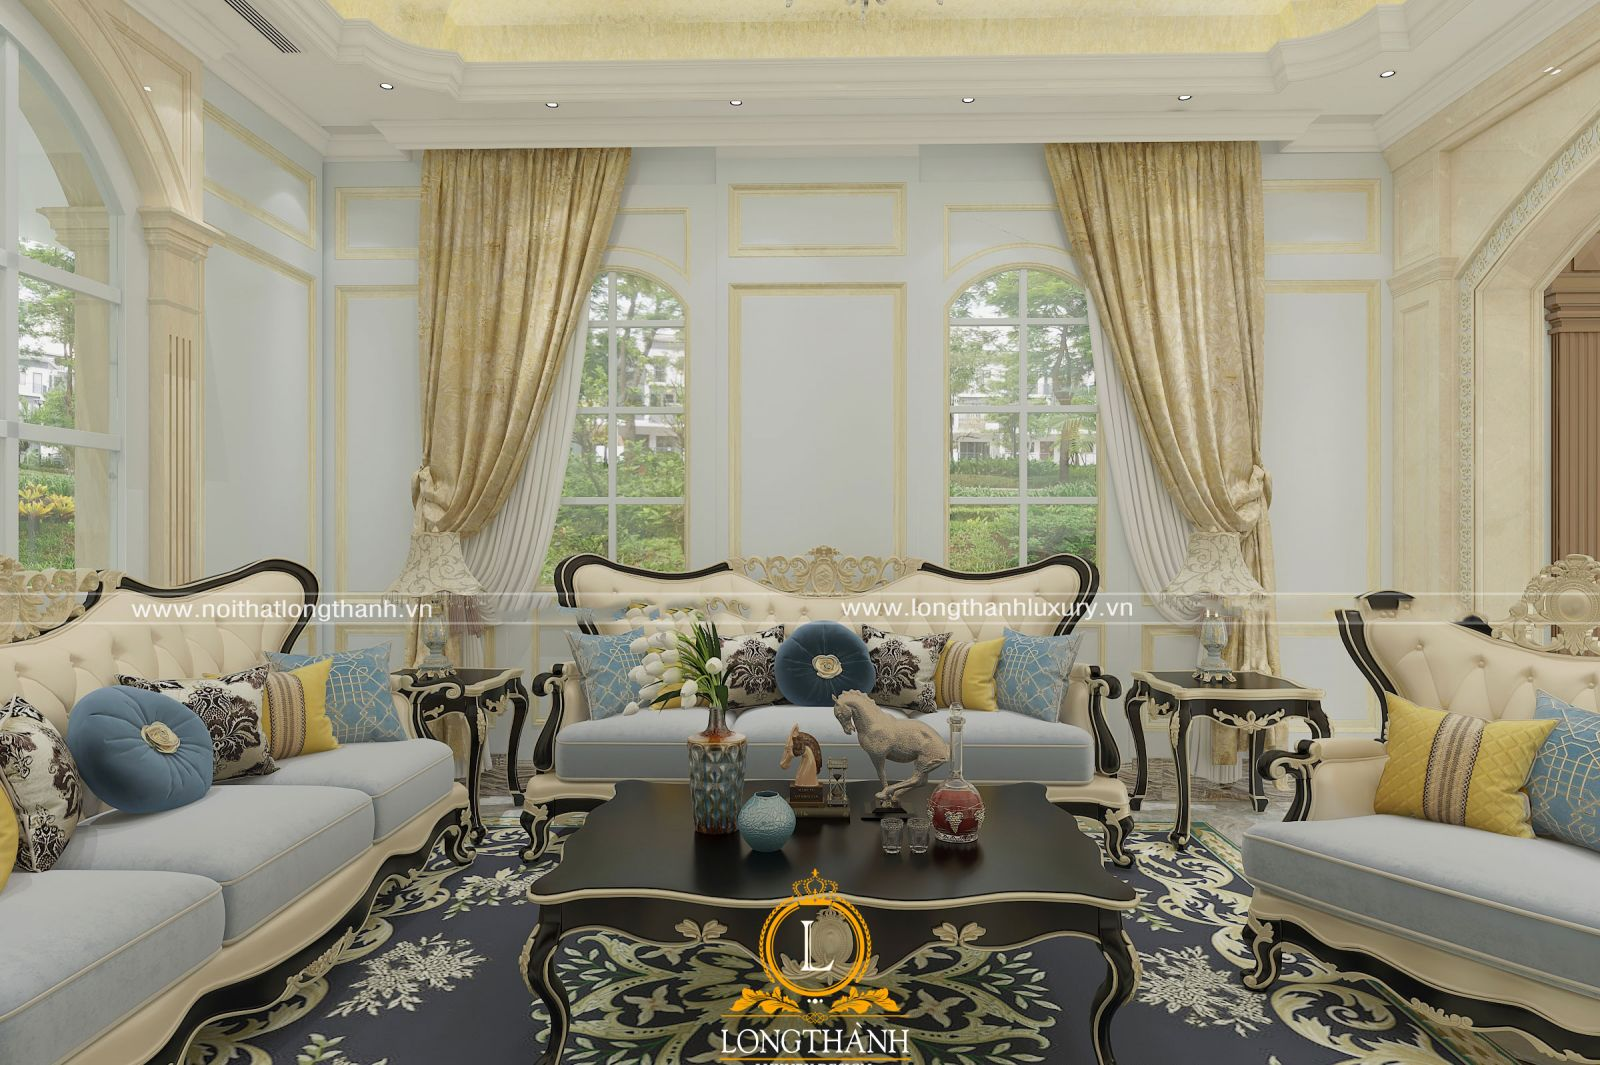 Bộ sofa bọc nỉ được mạ vàng khung gỗ tự nhiên cao cấp